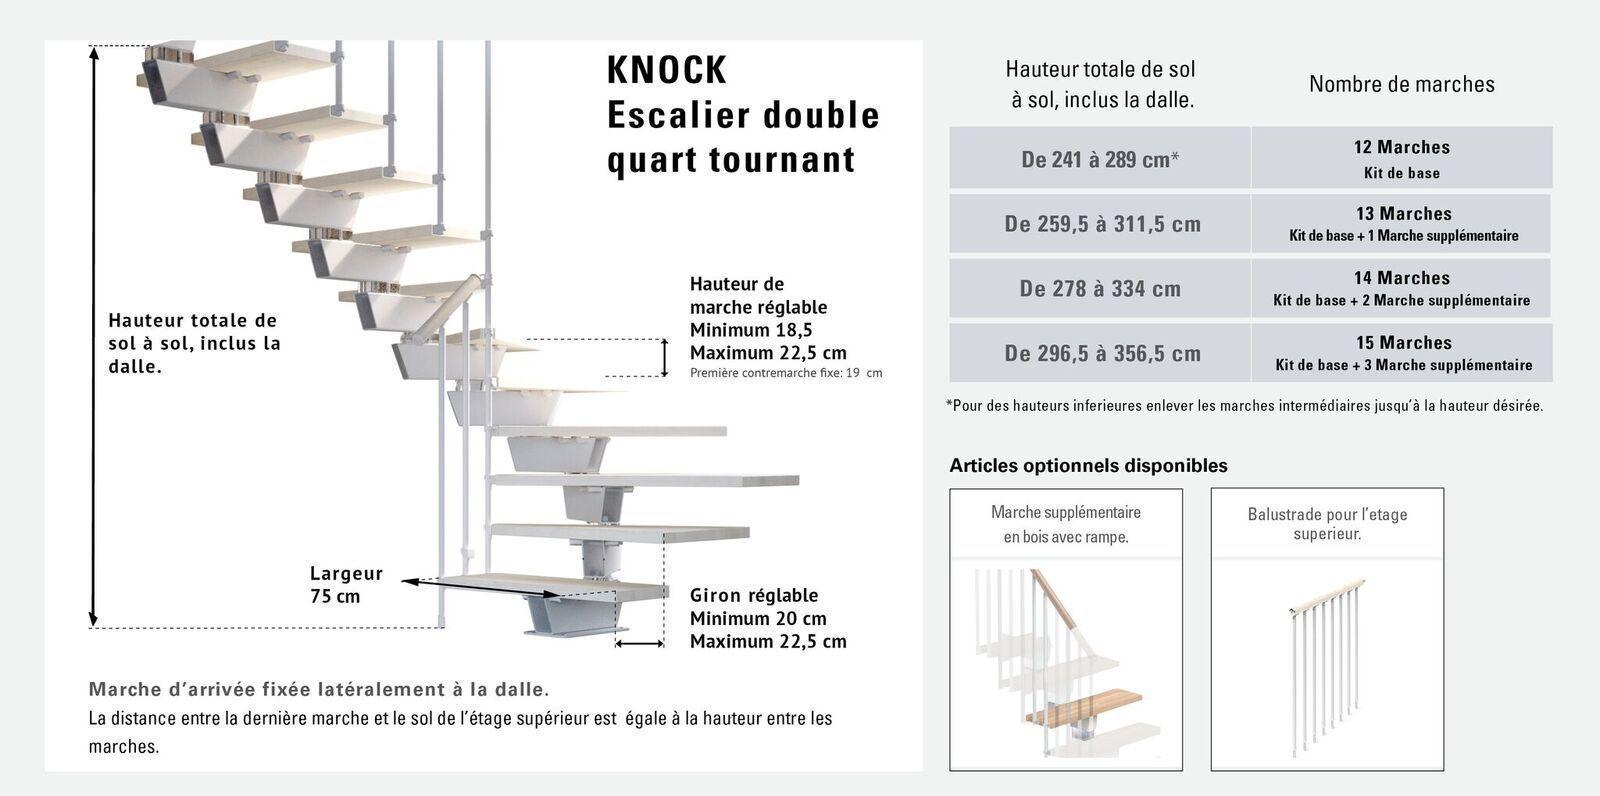 Escalier Double Quart Tournant 12 Marches Structure Metal Et Marches En Bois Massif Naturel Knock Misterstep